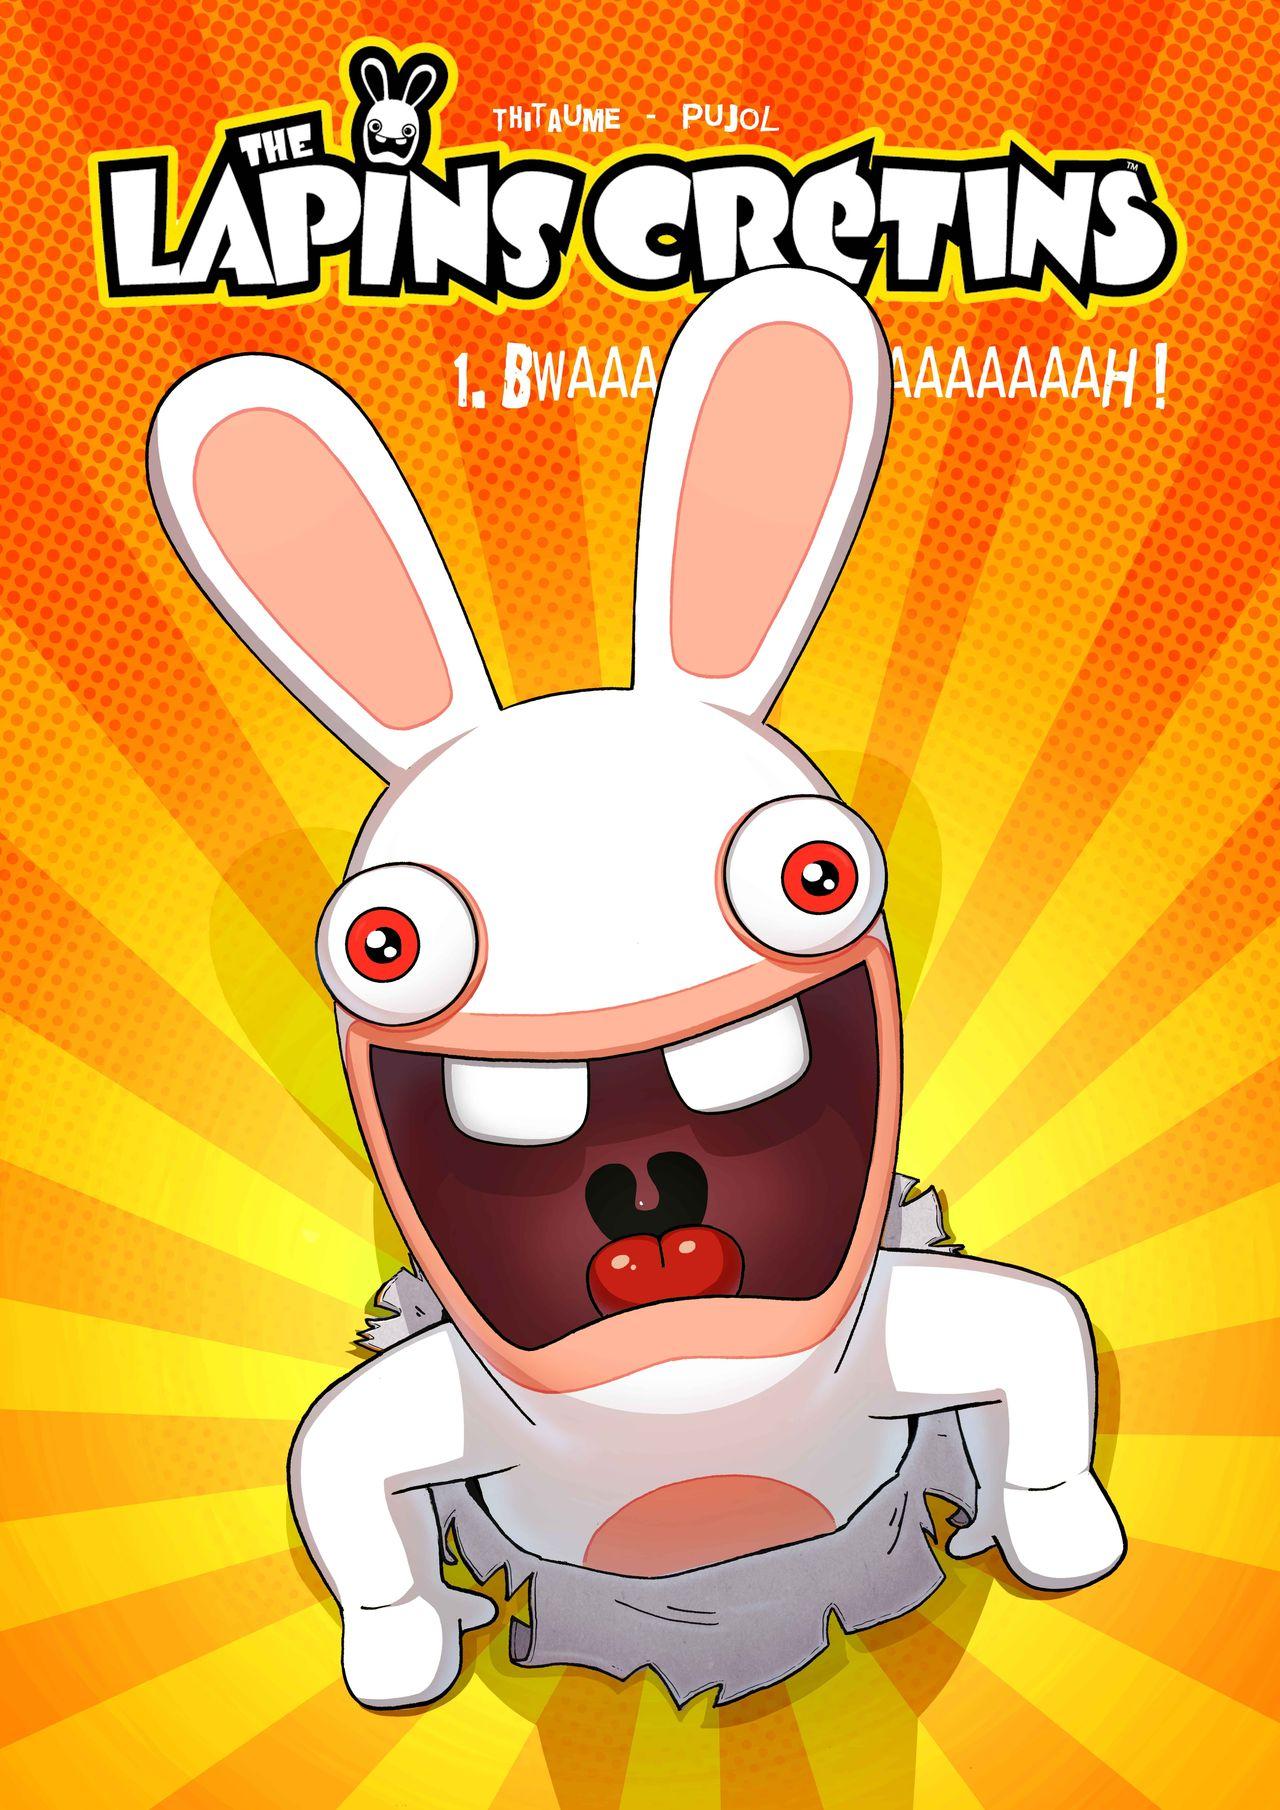 Critique de la bd lapins cretins page 1 gamalive - Lapin cretin image ...